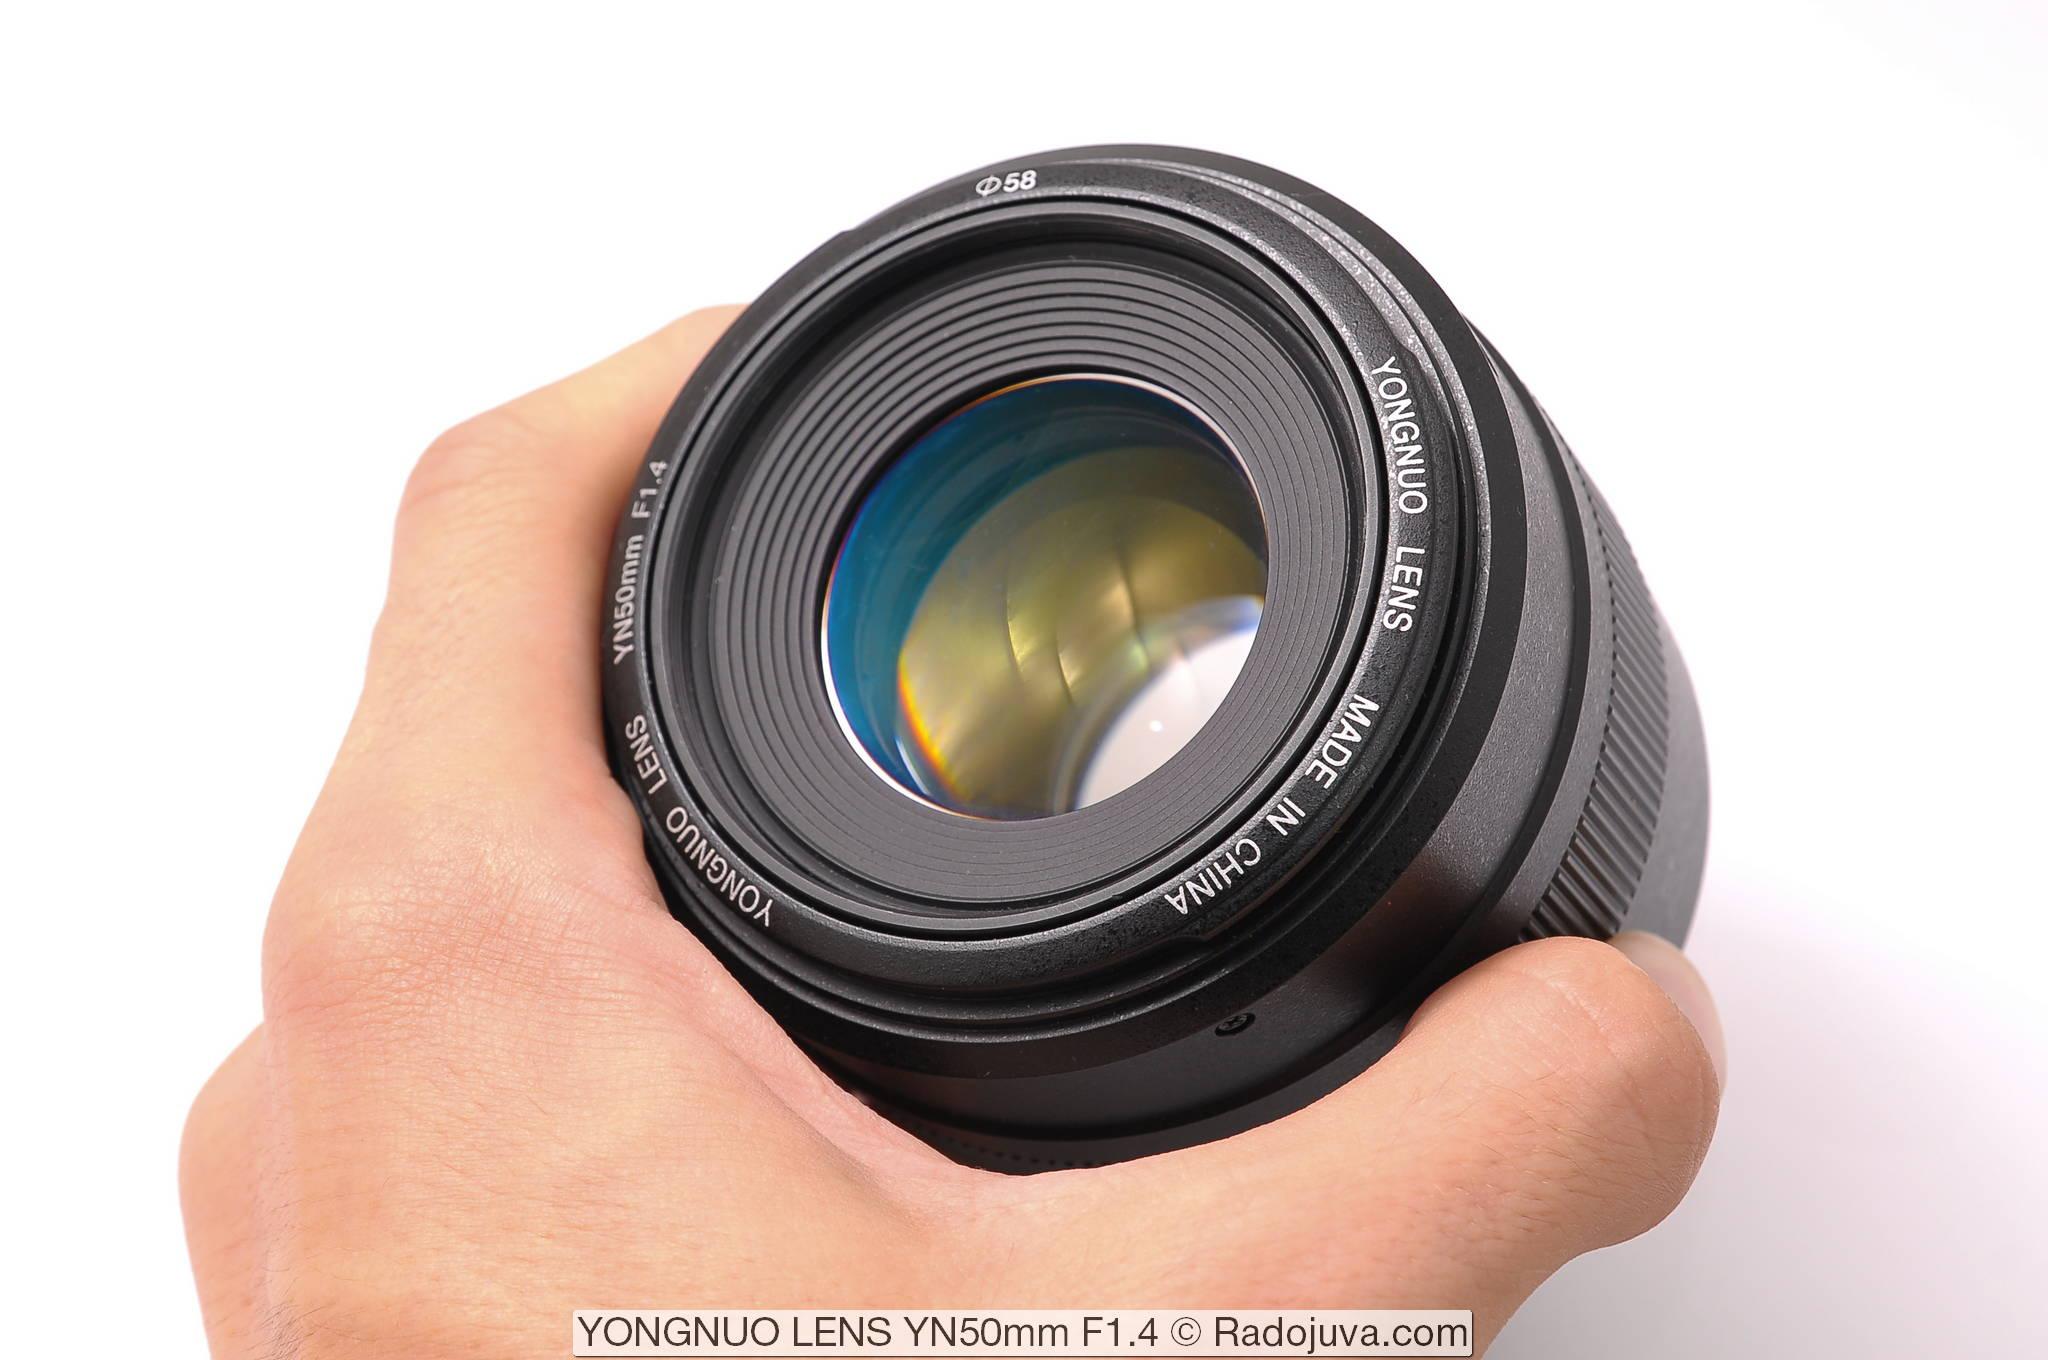 Yongnuo YN 50mm f/1.4